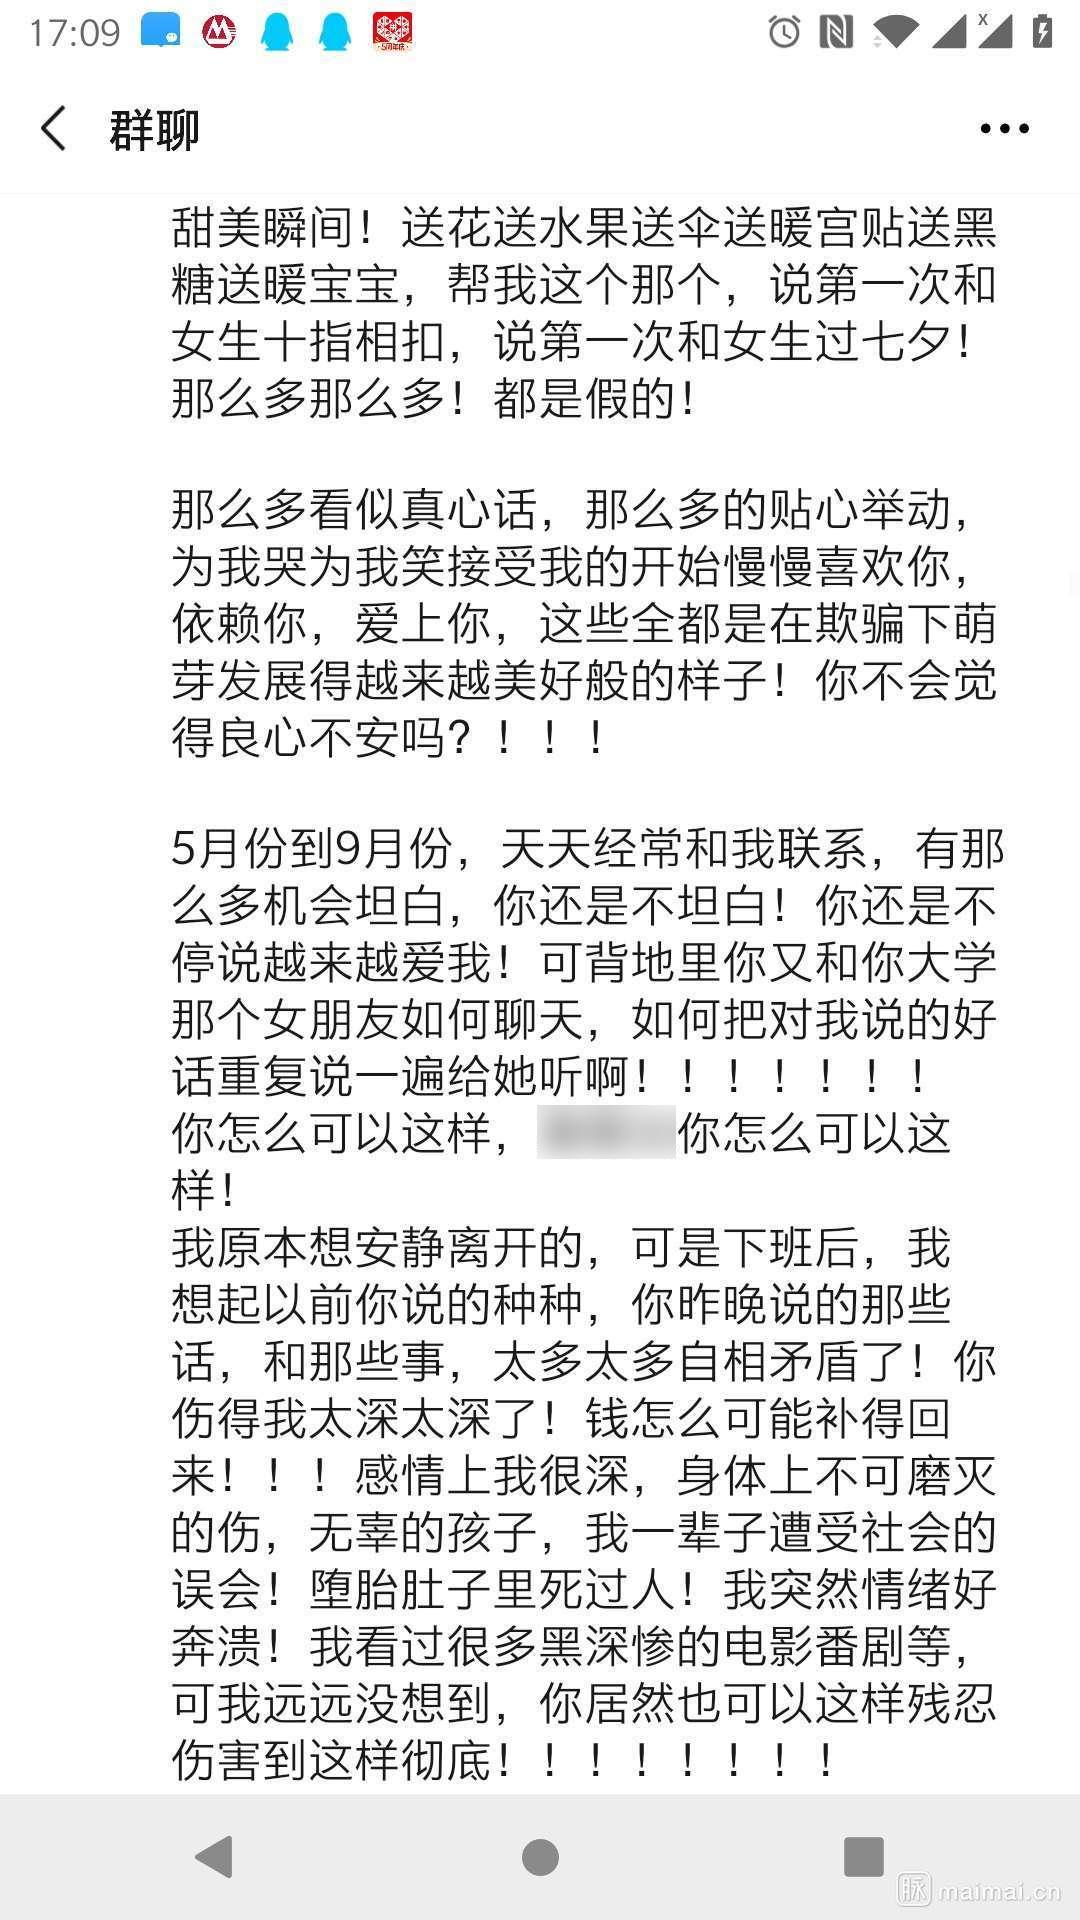 bigo超级大瓜安东尼奥刘能:m武当弟子:m前欢聚时代员…插图(1)